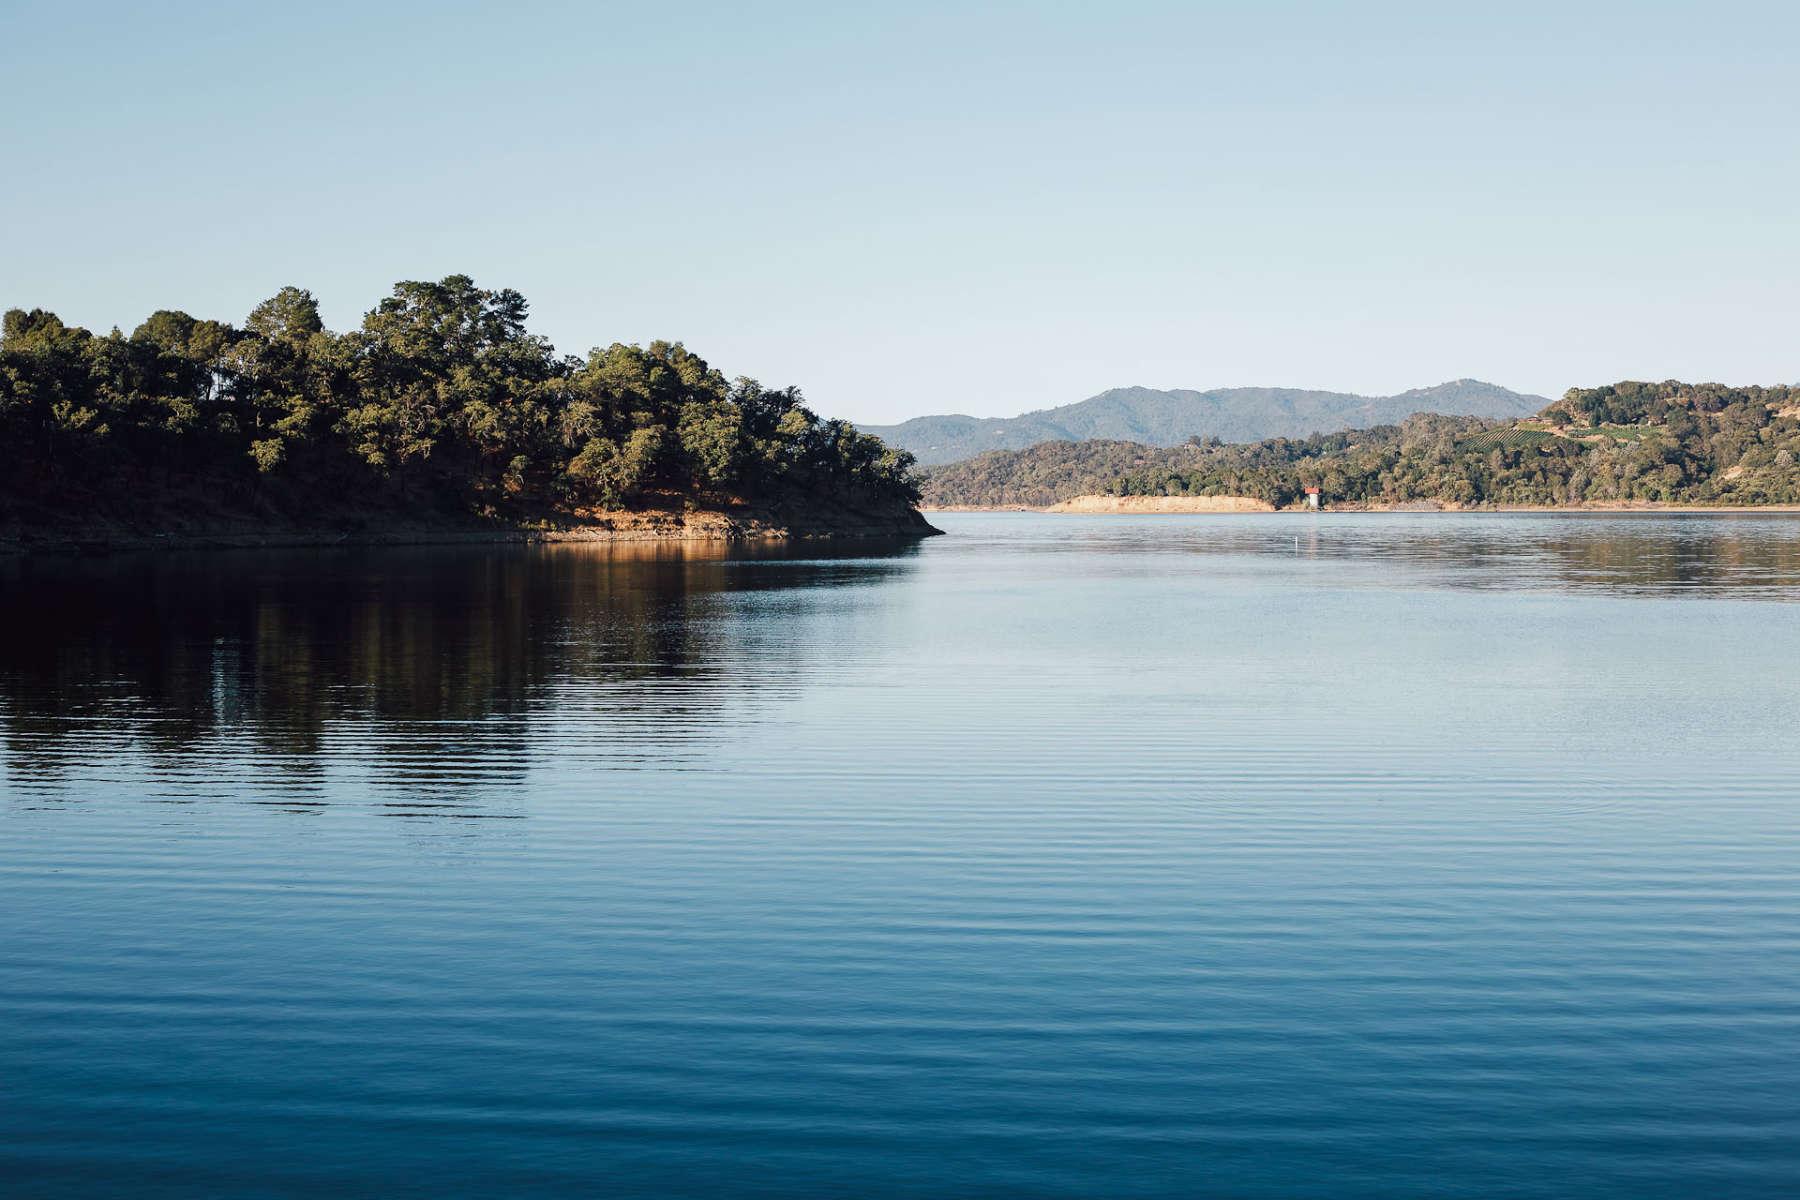 bushay campground, mendocino lake, ca: 2 photos